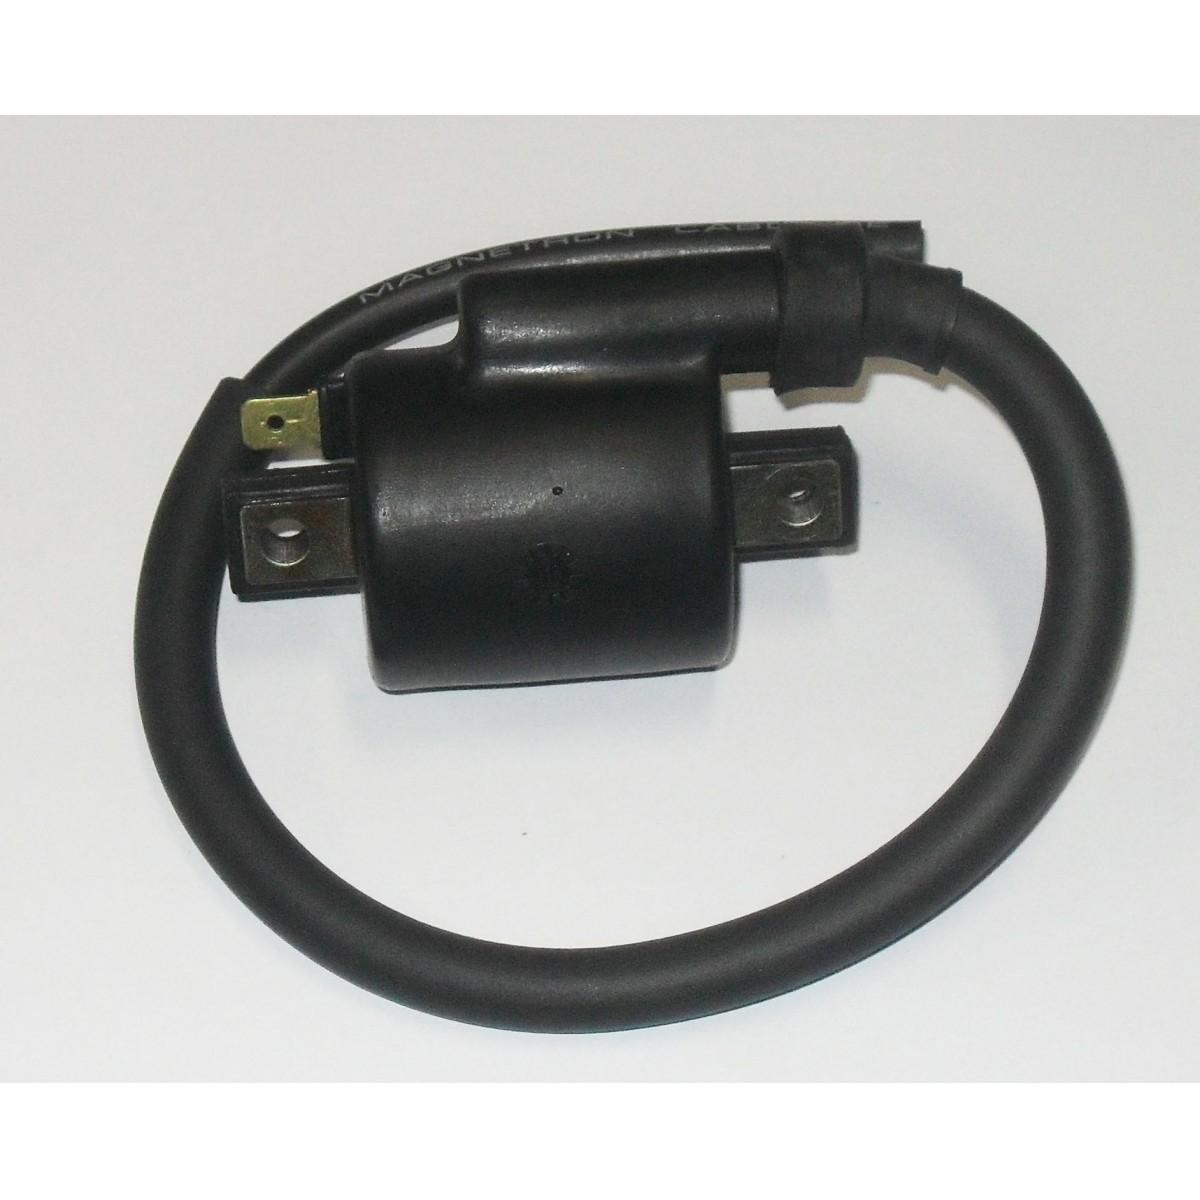 Bobina Ignição YBR 125 / XTZ 125 (magnetron)